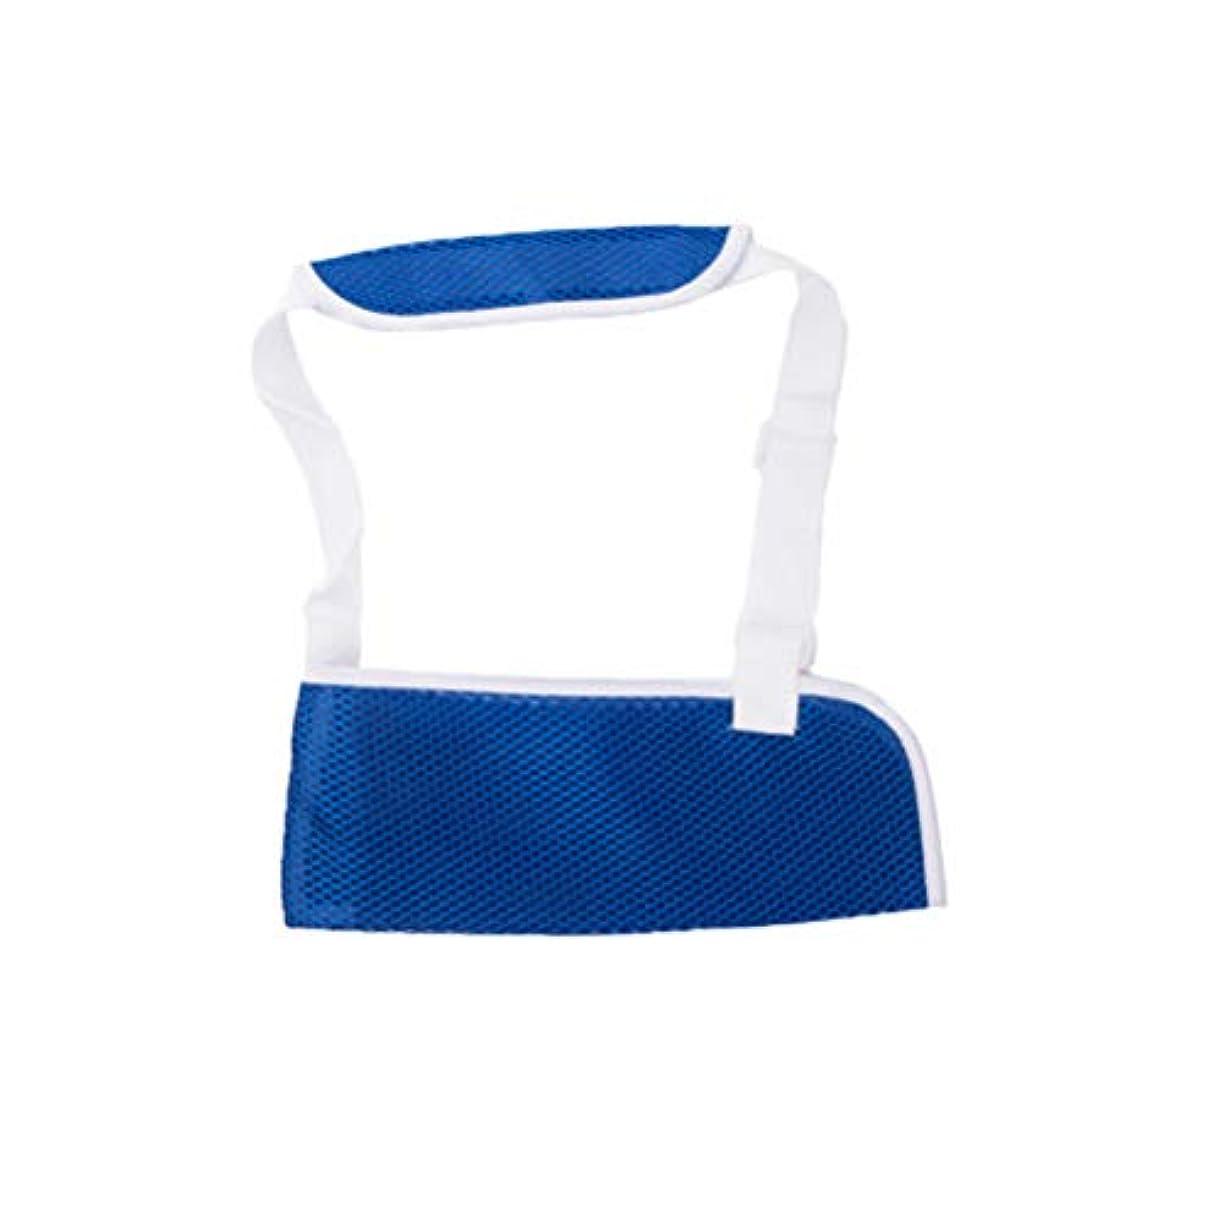 制限された進化痛いSUPVOX 子供たちは脱臼骨折捻挫のためのスリング調節可能なショルダーイモビライザーアームスリング通気性医療肩壊れた腕腕